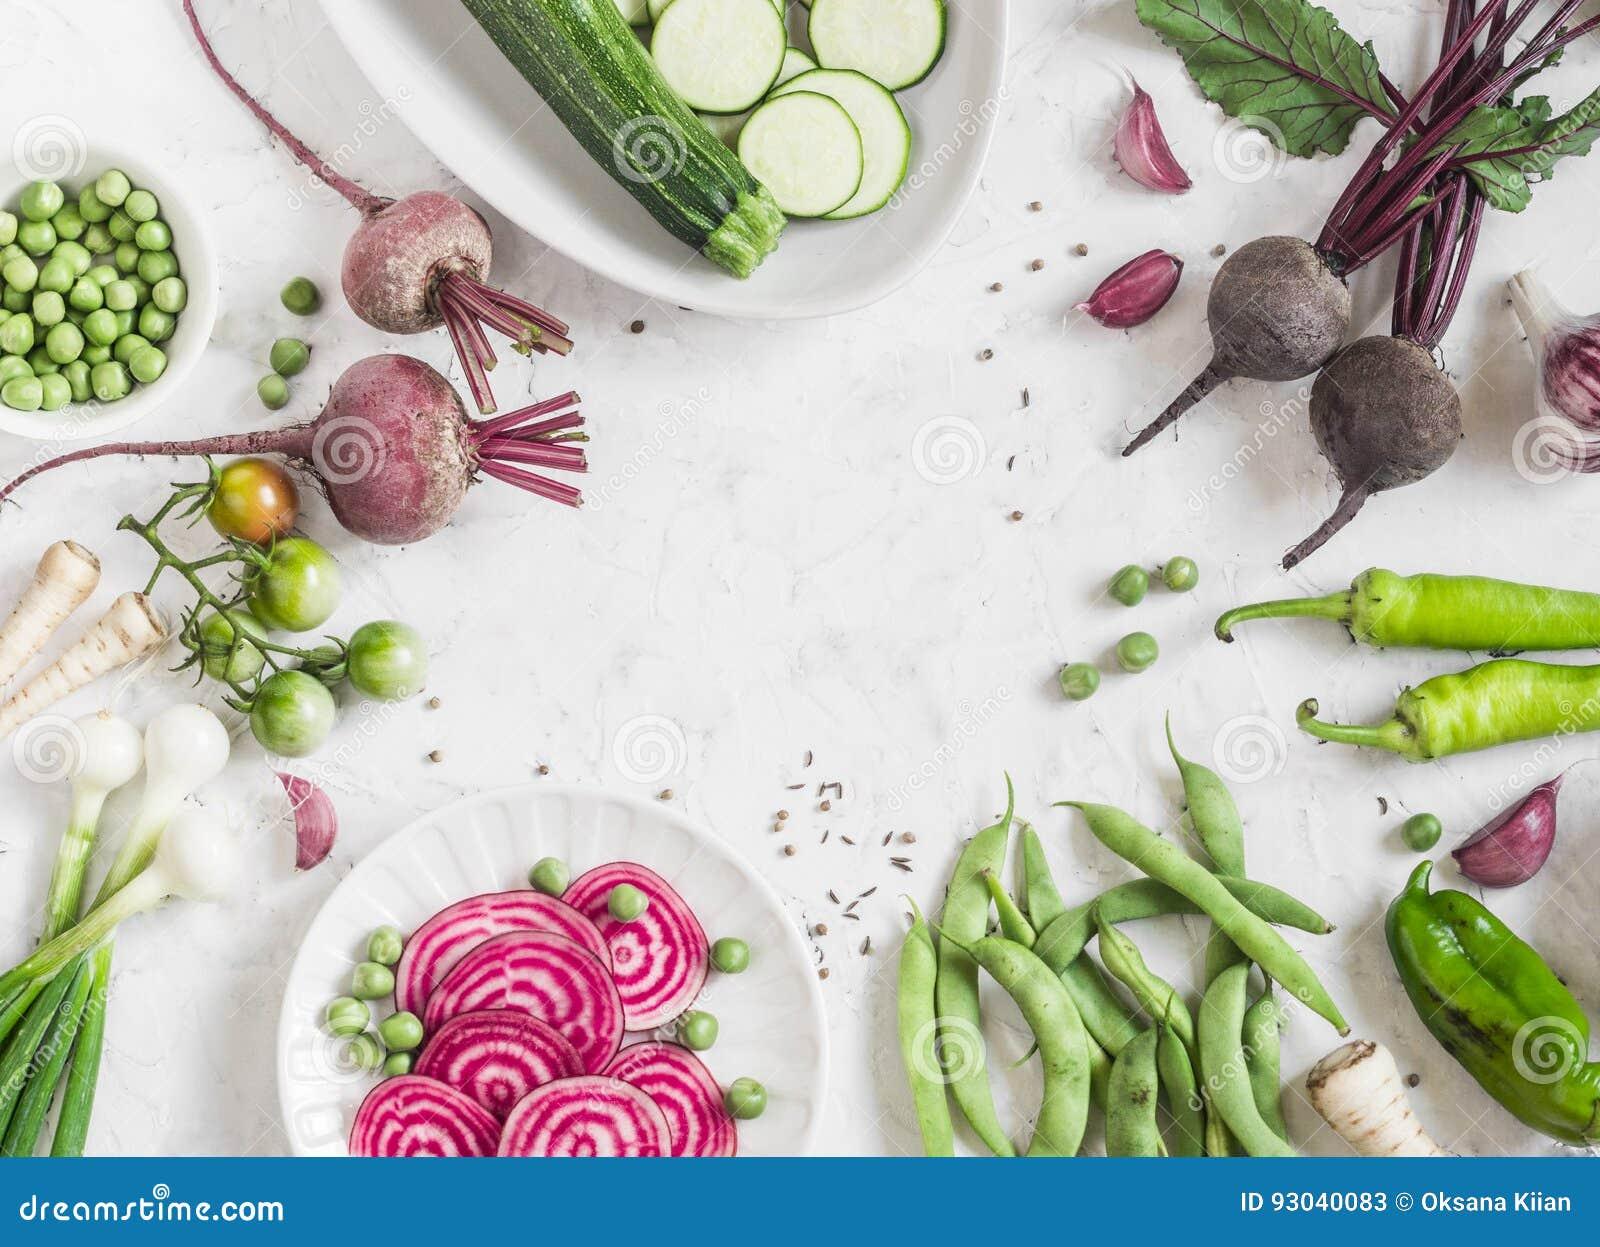 Organiska purpurfärgade och gröna grönsaker på en vit bakgrund Detoxingredienser Sunt vegetariskt matbegrepp Bästa sikt, fri brun